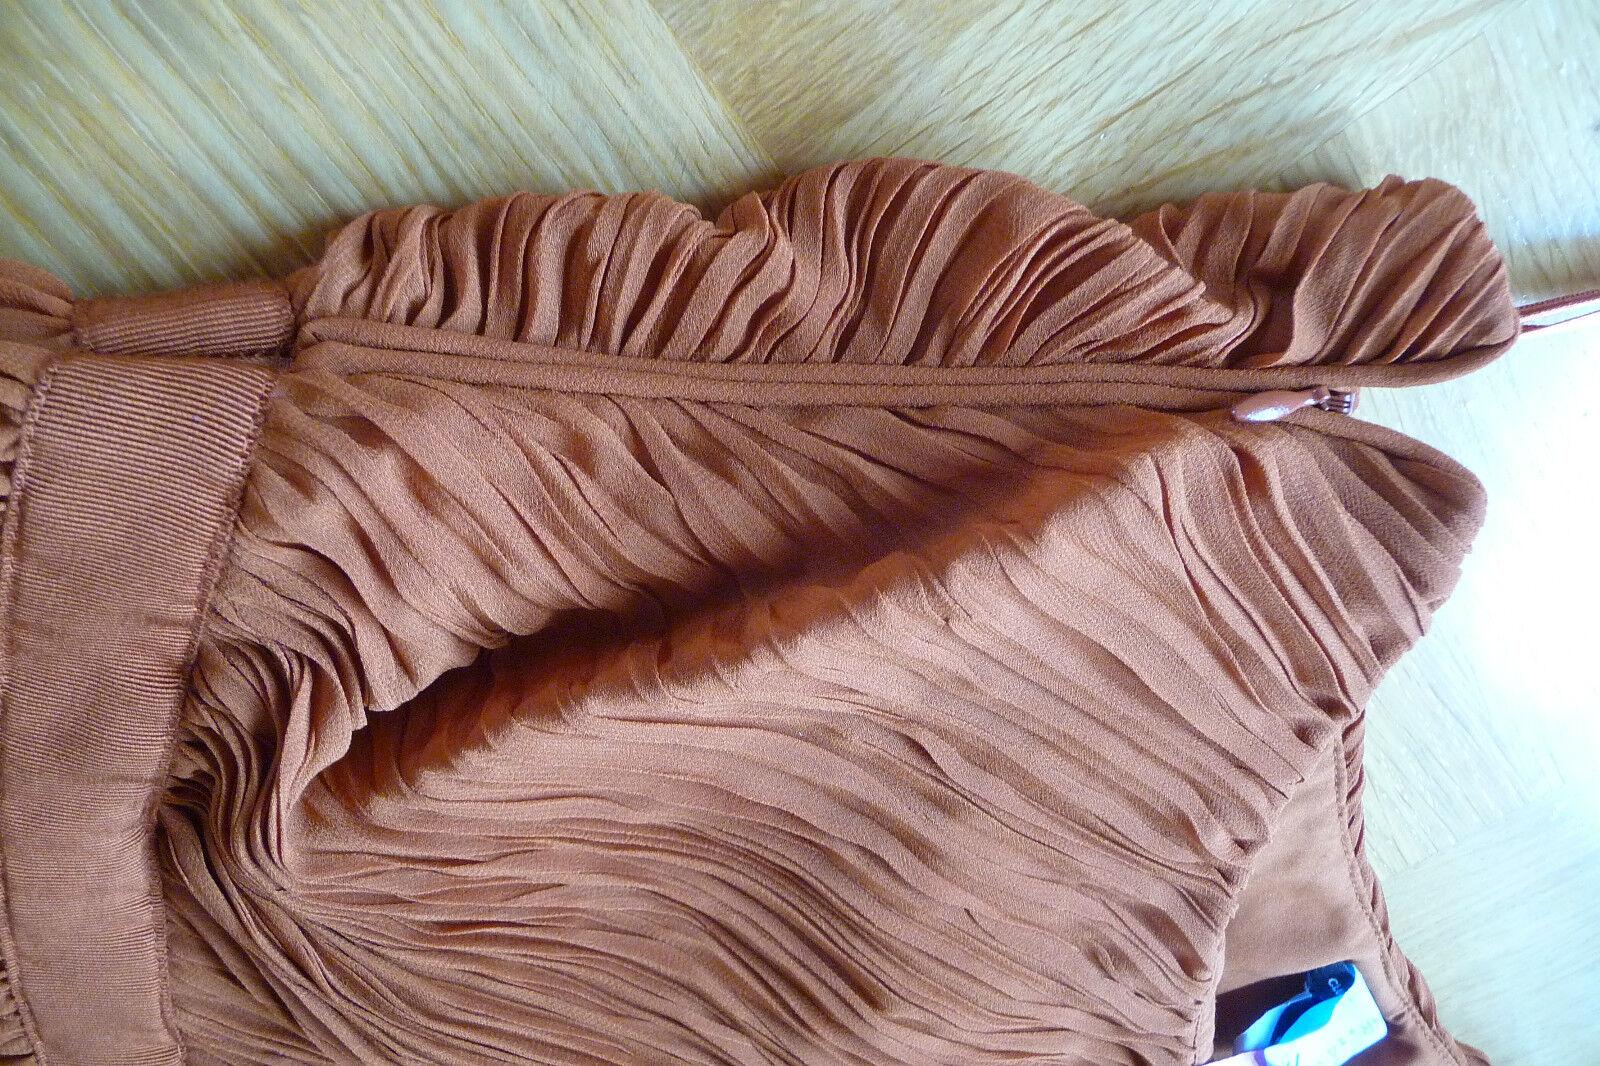 One -Shoulder-Kleid - CLUB MONACCO - Gr. 36 - - - neuwertig - cognac   Wirtschaft    Sehr gute Qualität    Ab dem neuesten Modell  2c8c73